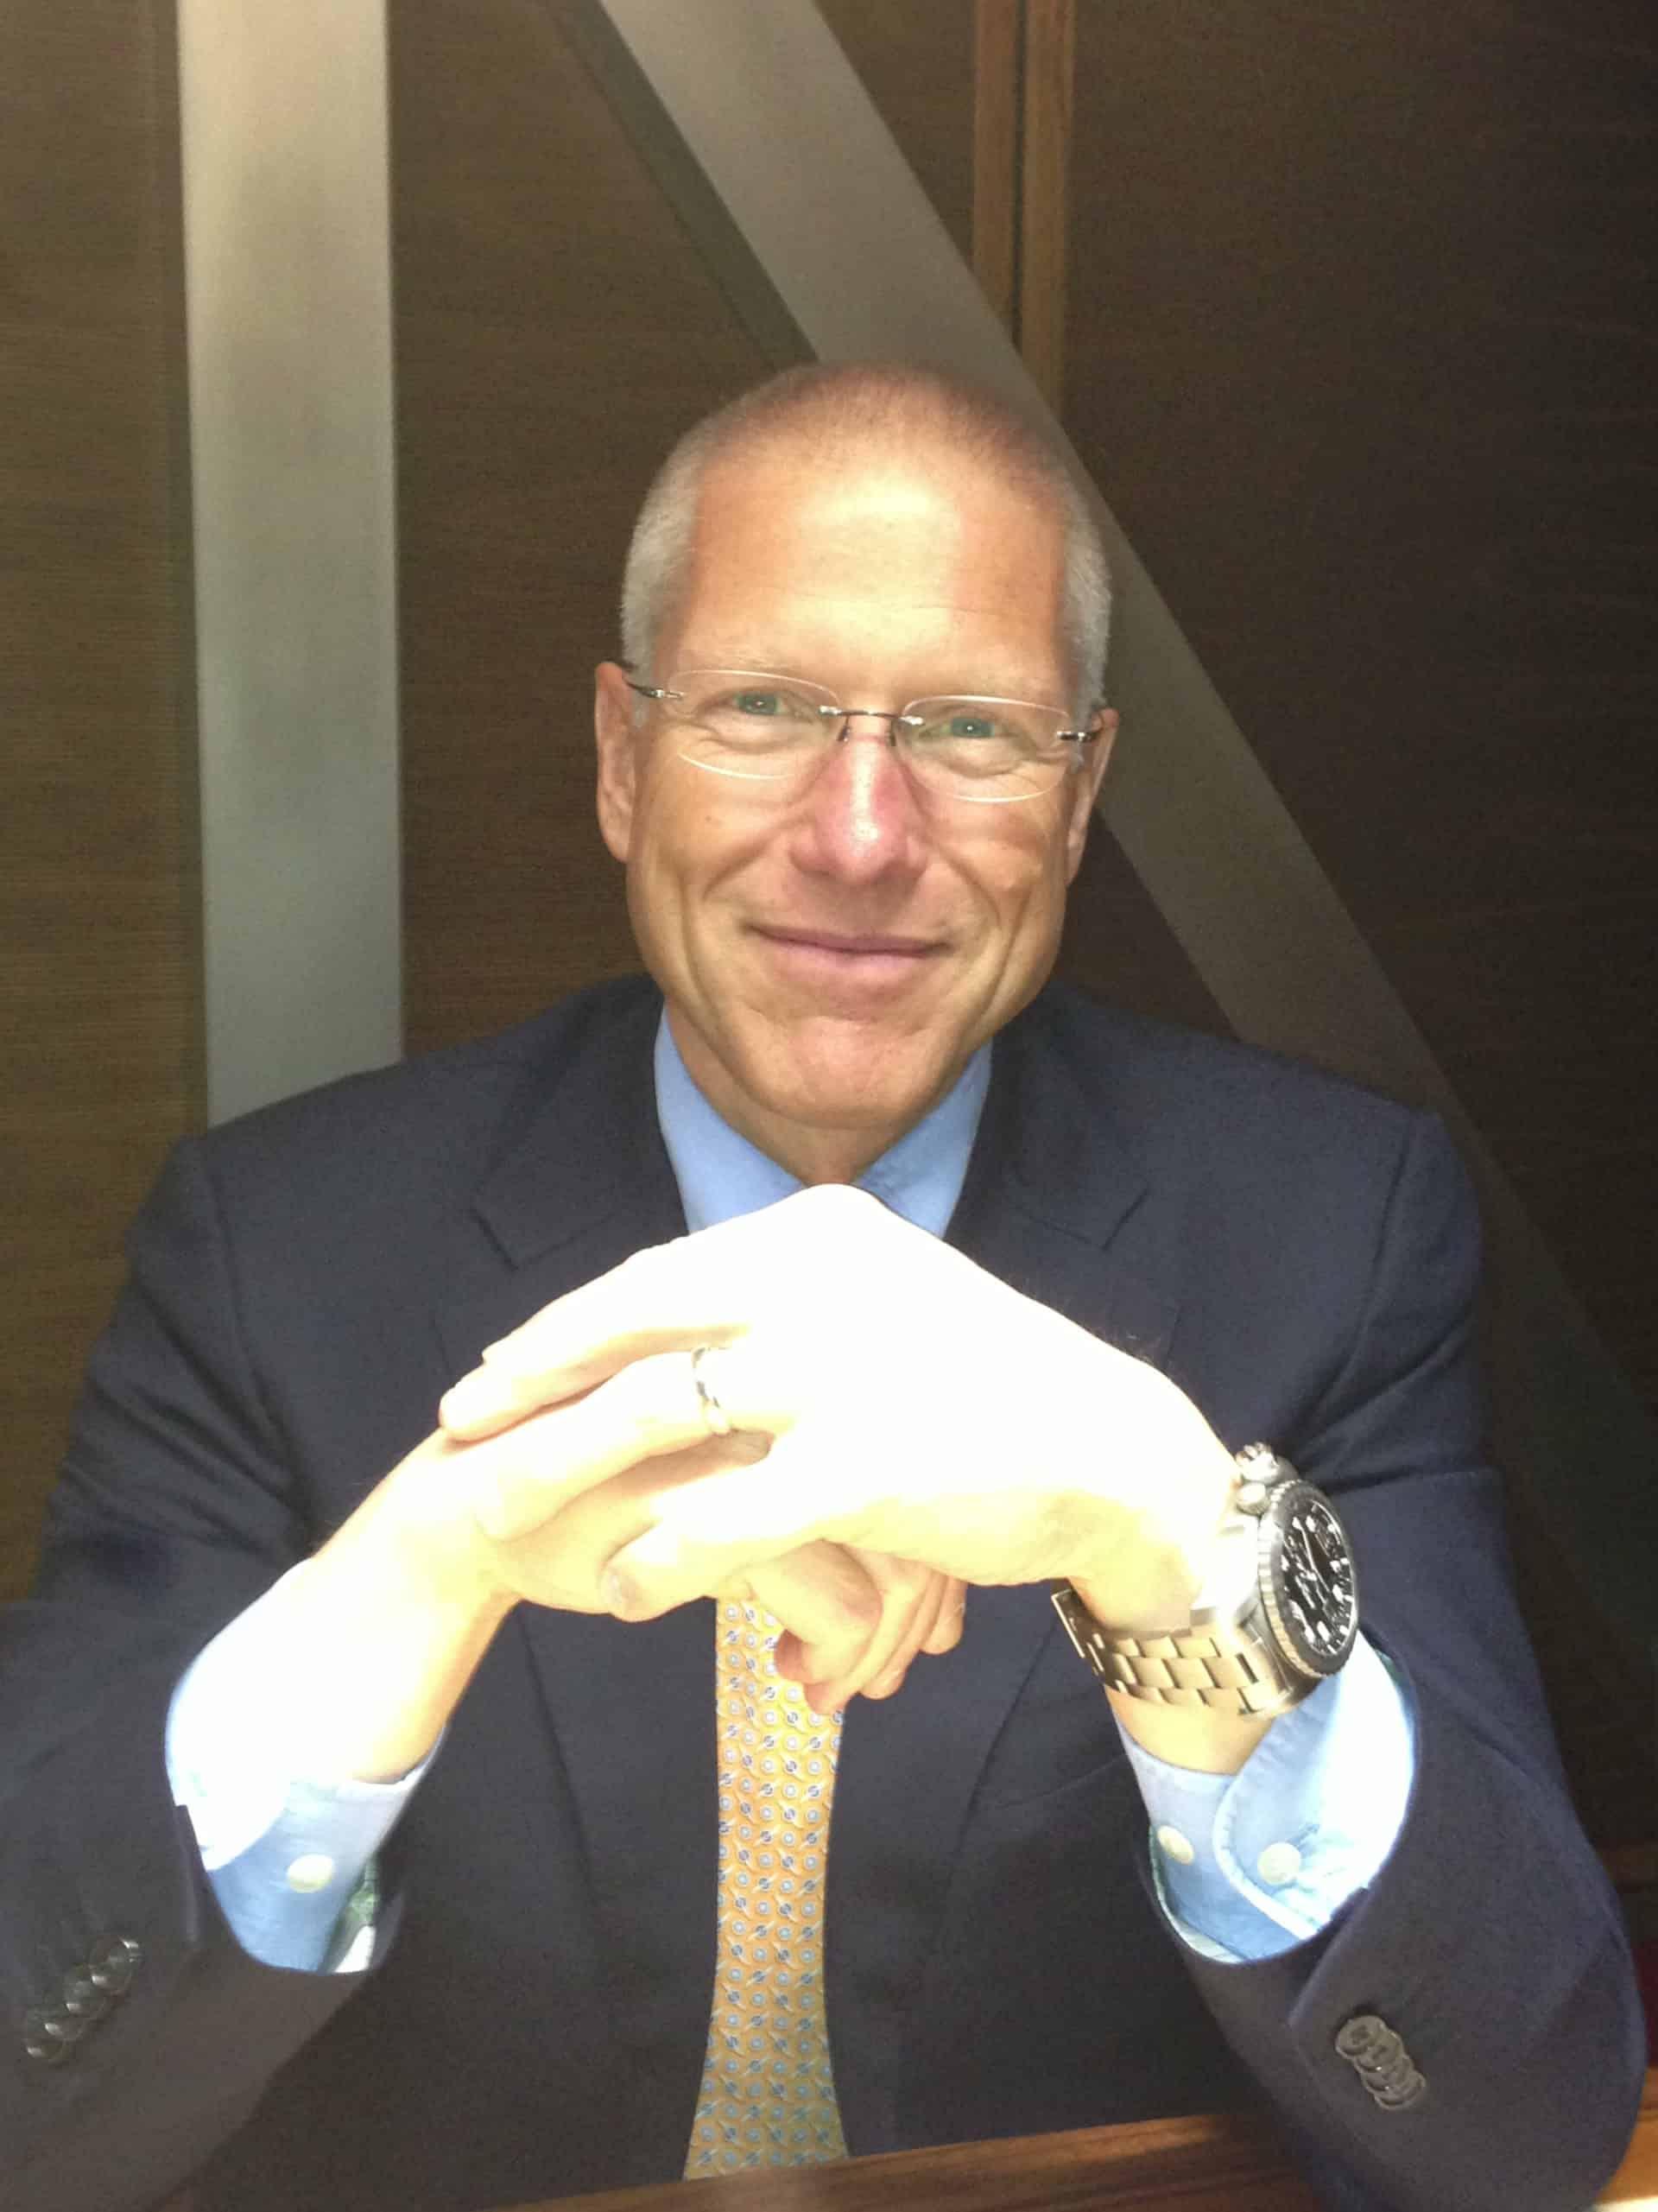 Jean-Paul Girardin, der Geschäftsführer von Kenissi SA